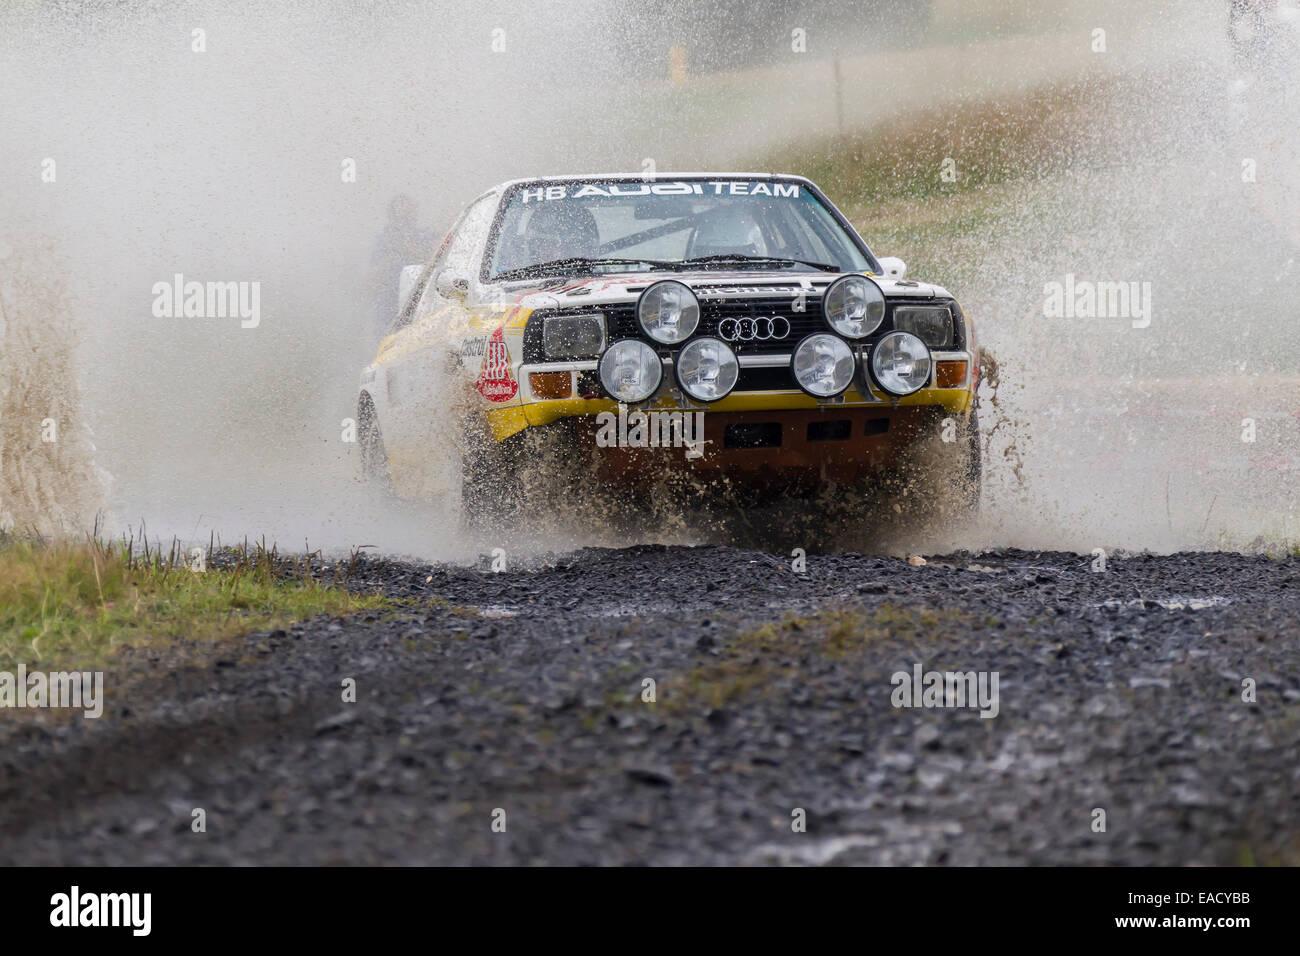 Oldtimer Eifel Rallye Festival in 2014, WP 1 Bosch Super Stage, crossing a water hole, Daun, Vulkaneifel, Eifel - Stock Image